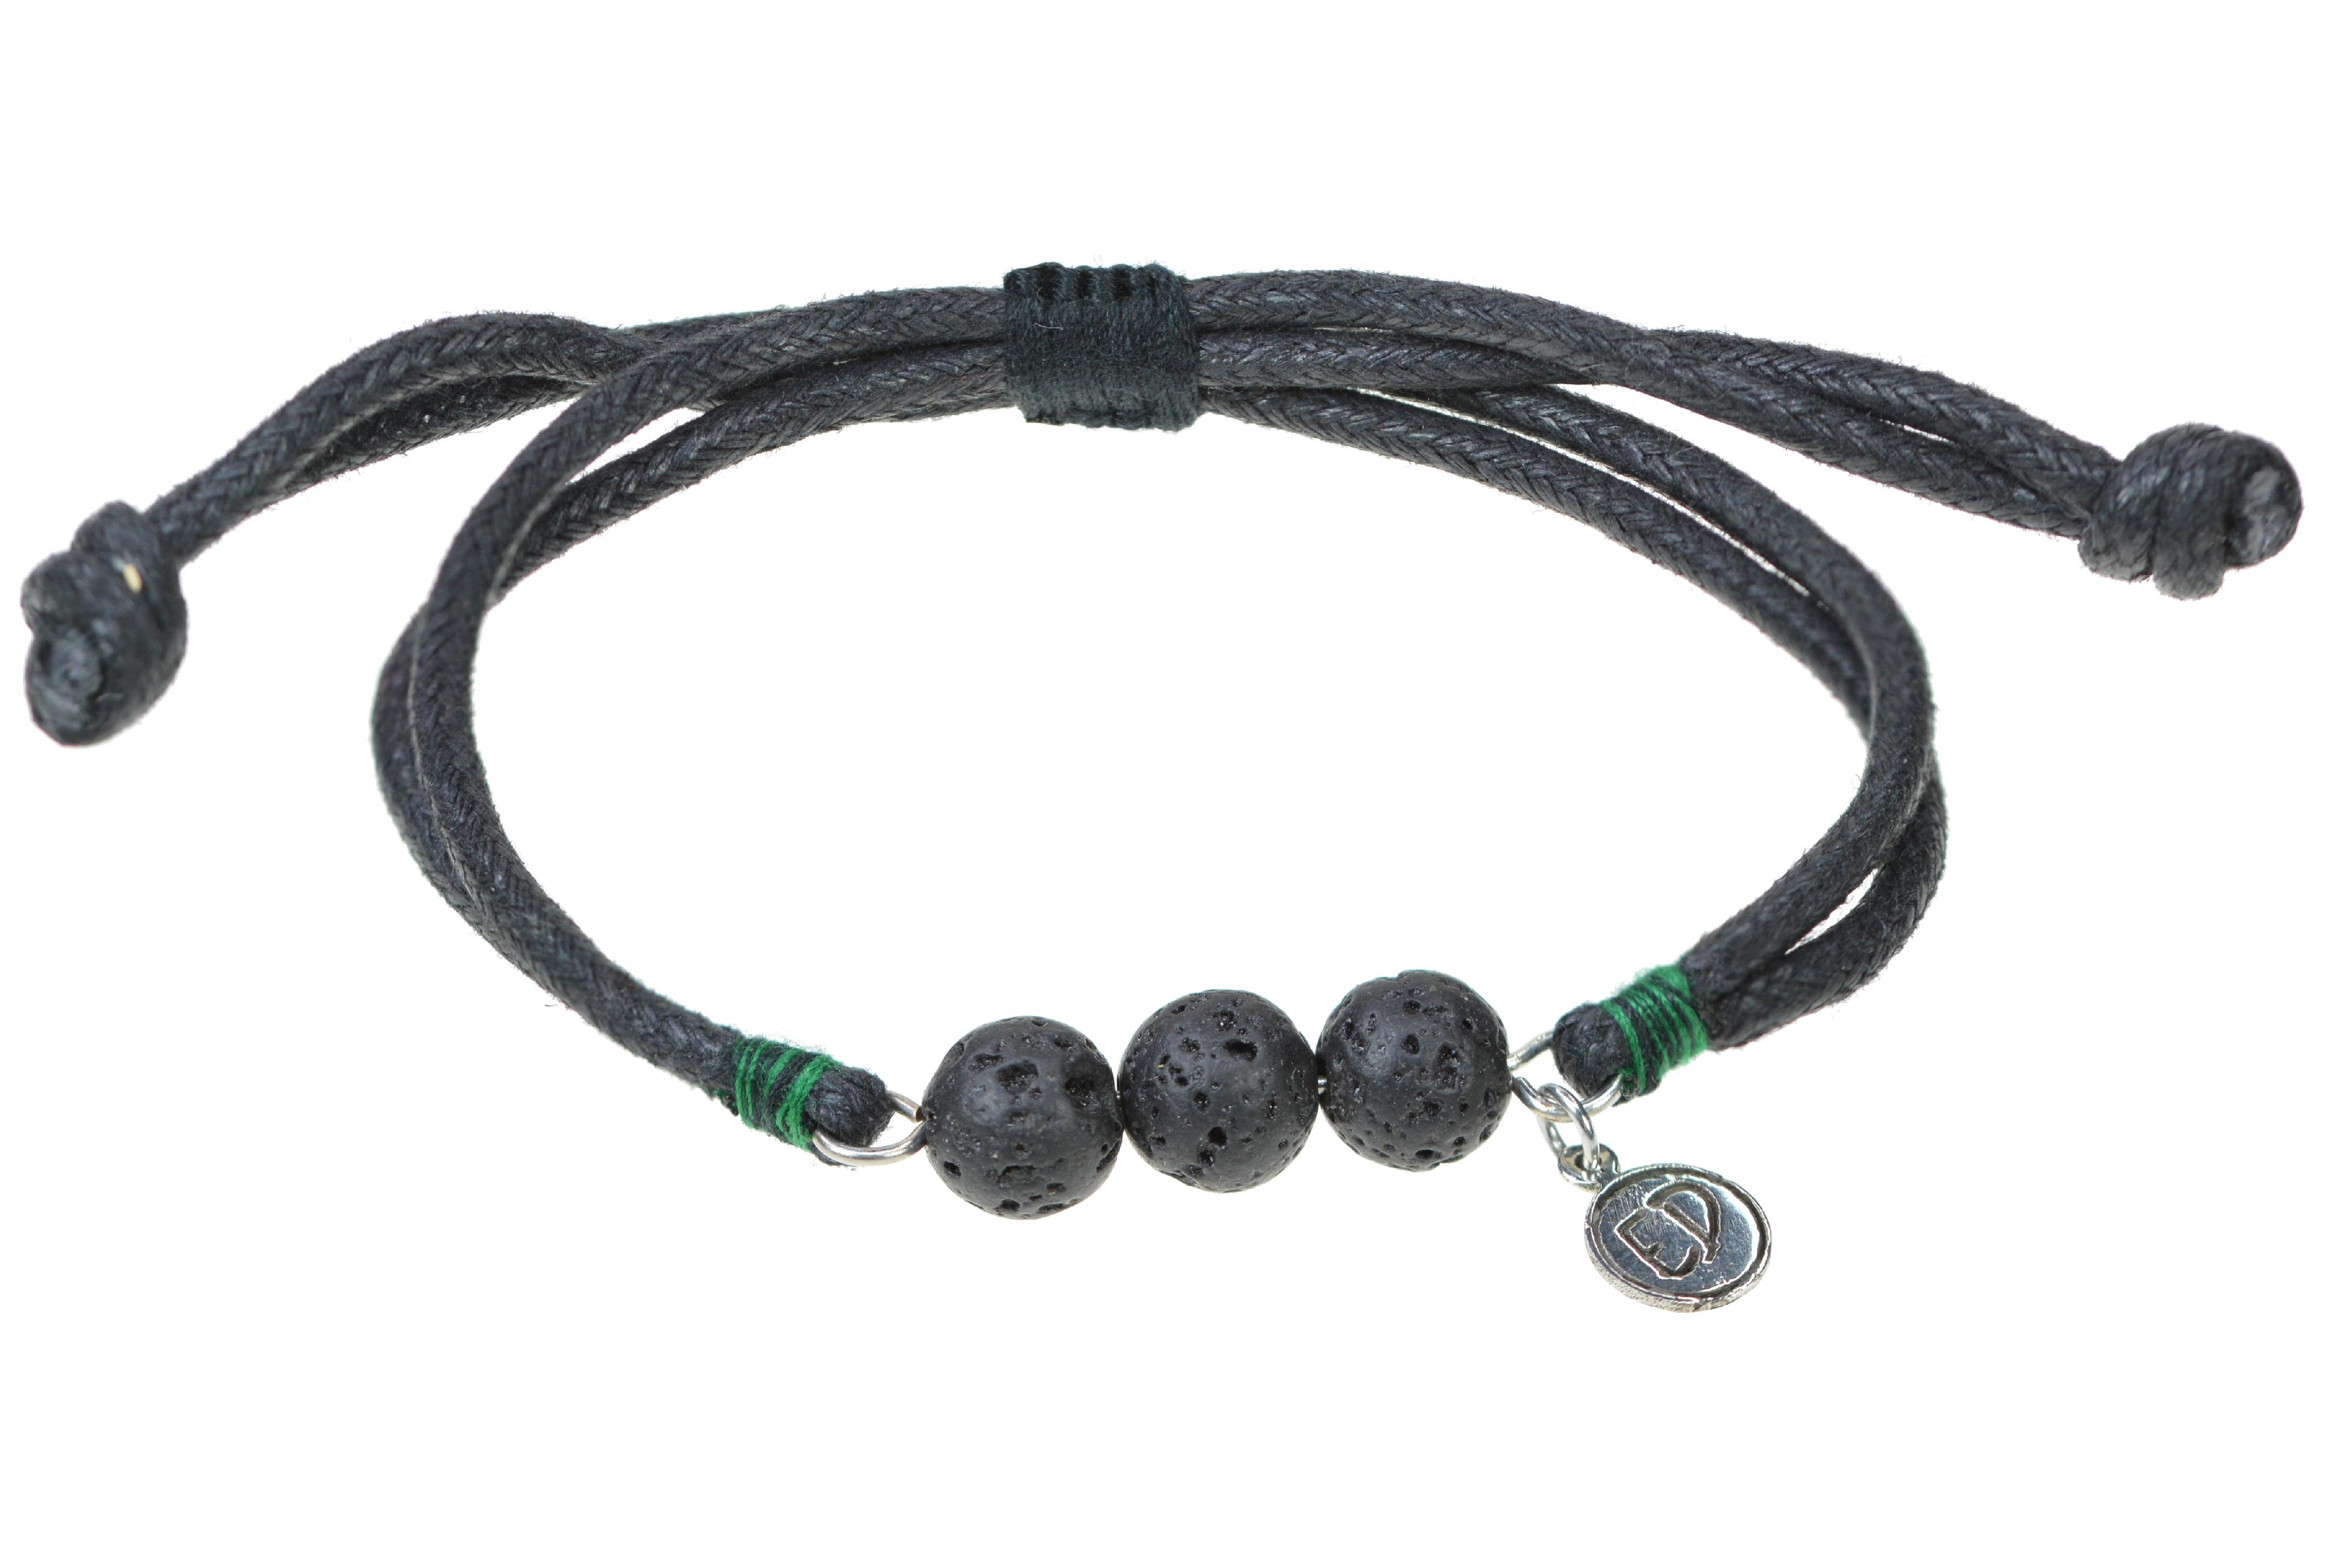 Pánsky náramok s lávovými kameňmi a zelenou bavlnenou nitkou